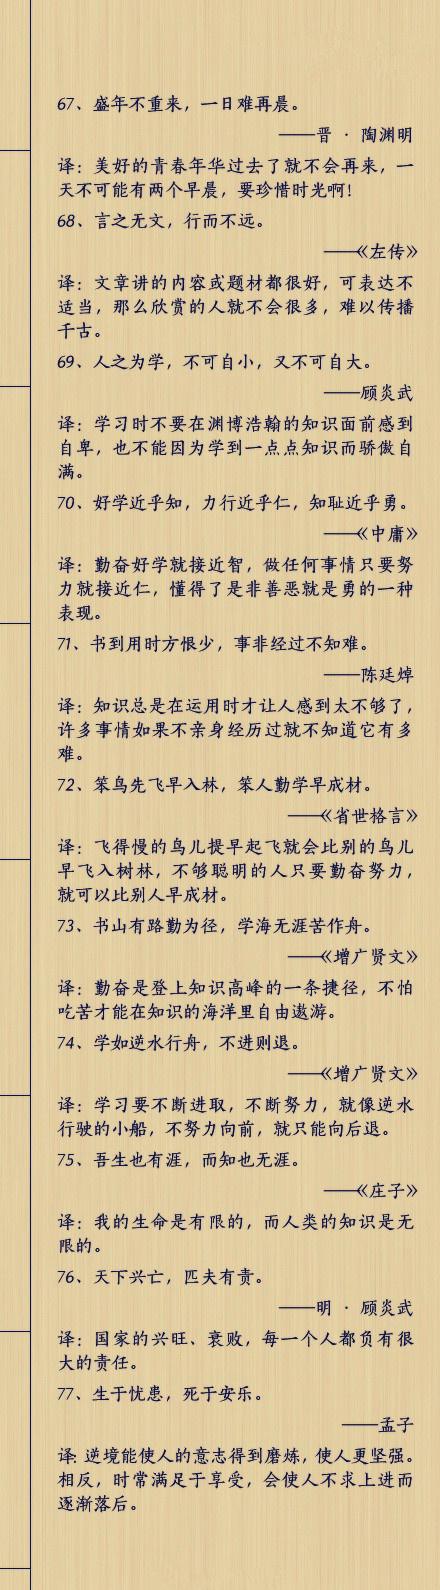 中国古代经典励志名言100句,写给高考的你